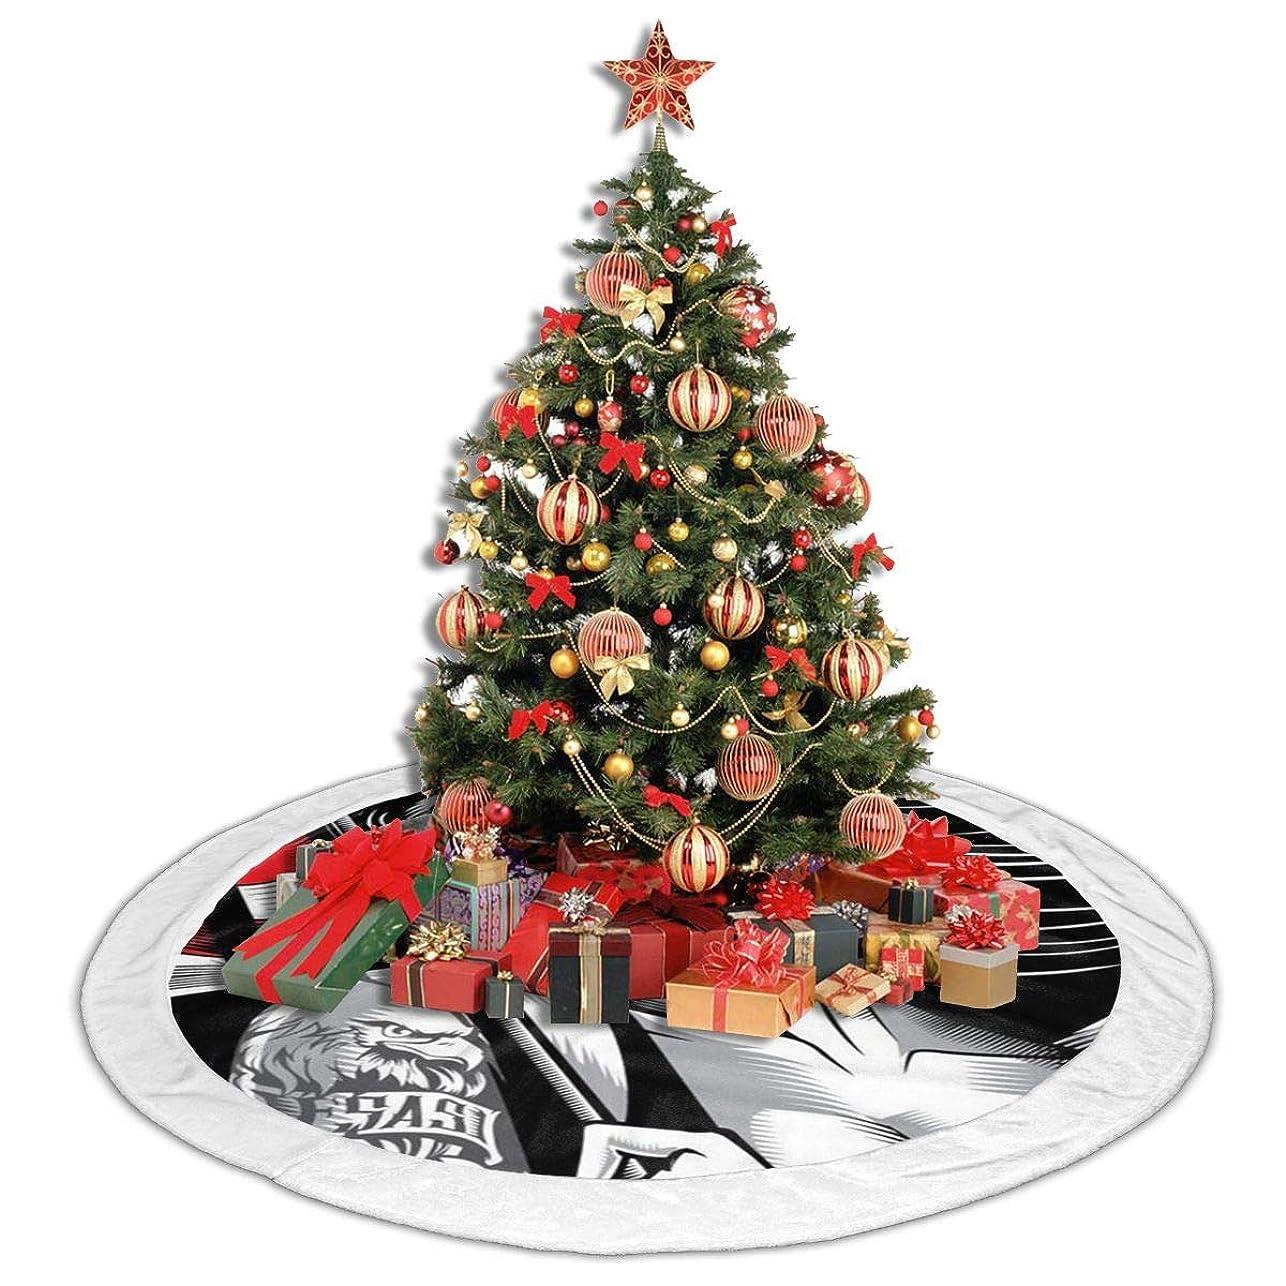 裁定勧める電話するRIRIBOC クリスマスツリースカートBeaty 足元布 クリスマス飾り 円形 サンタクロース ツリースカート ホワイト ツリー下用 可愛い 豪華 ベースカバー オーナメント ツリースカート 飾りツリー 下敷物 新年パーティー クリスマス雰囲気を楽しみ